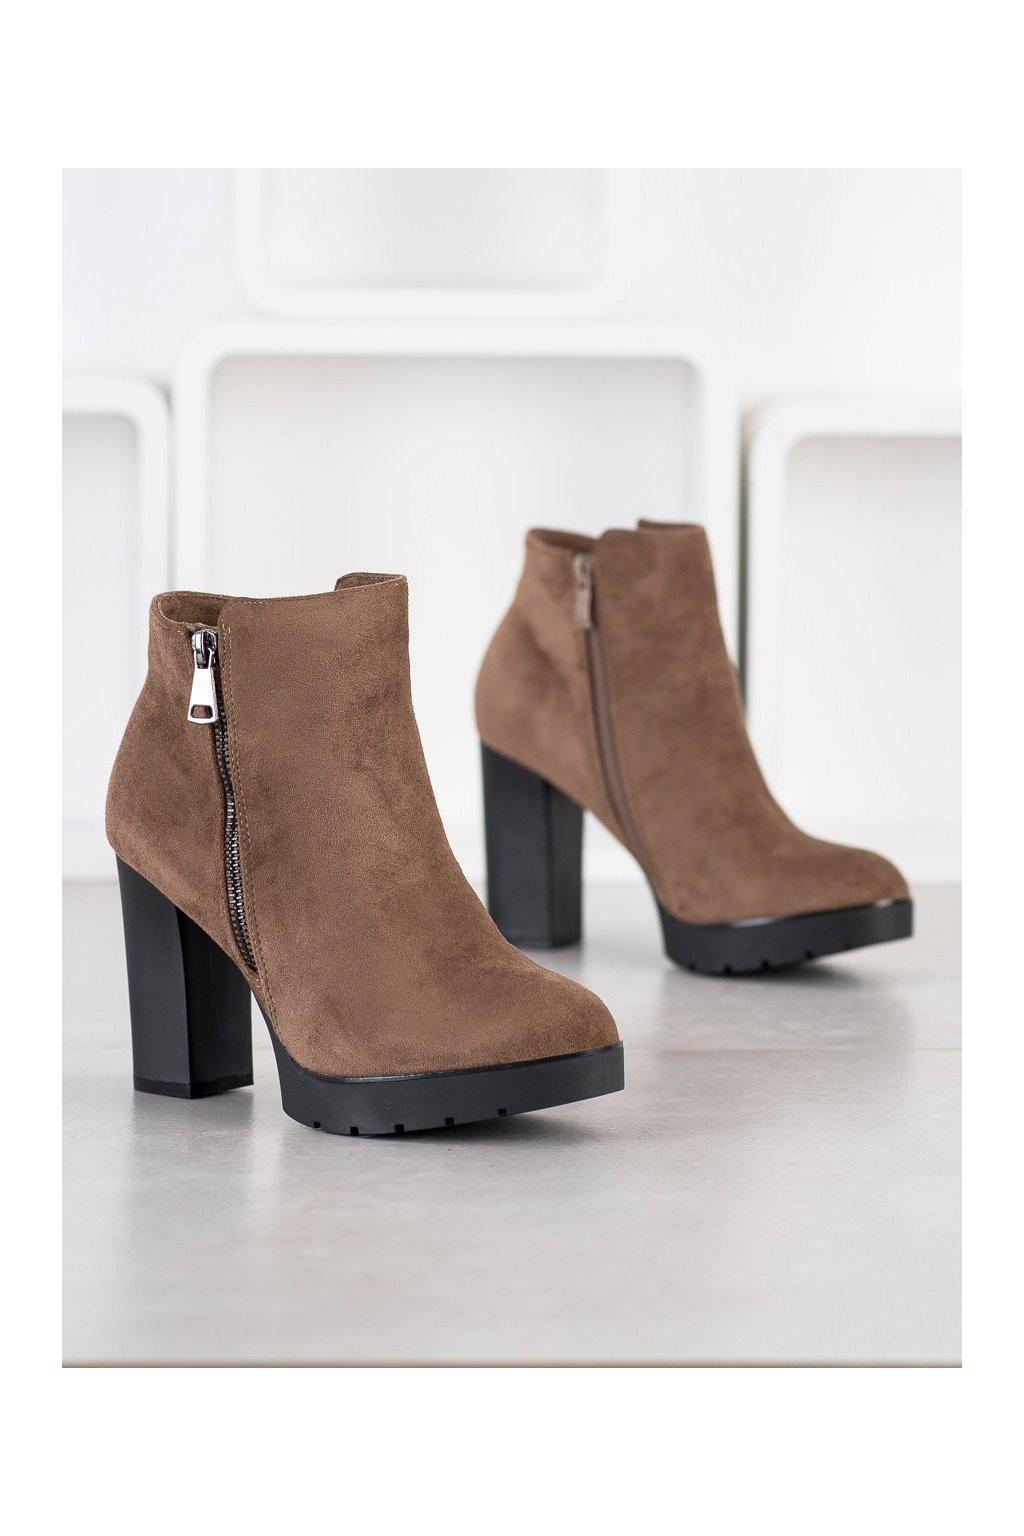 Hnedé dámske topánky Small swan NJSK A203KH